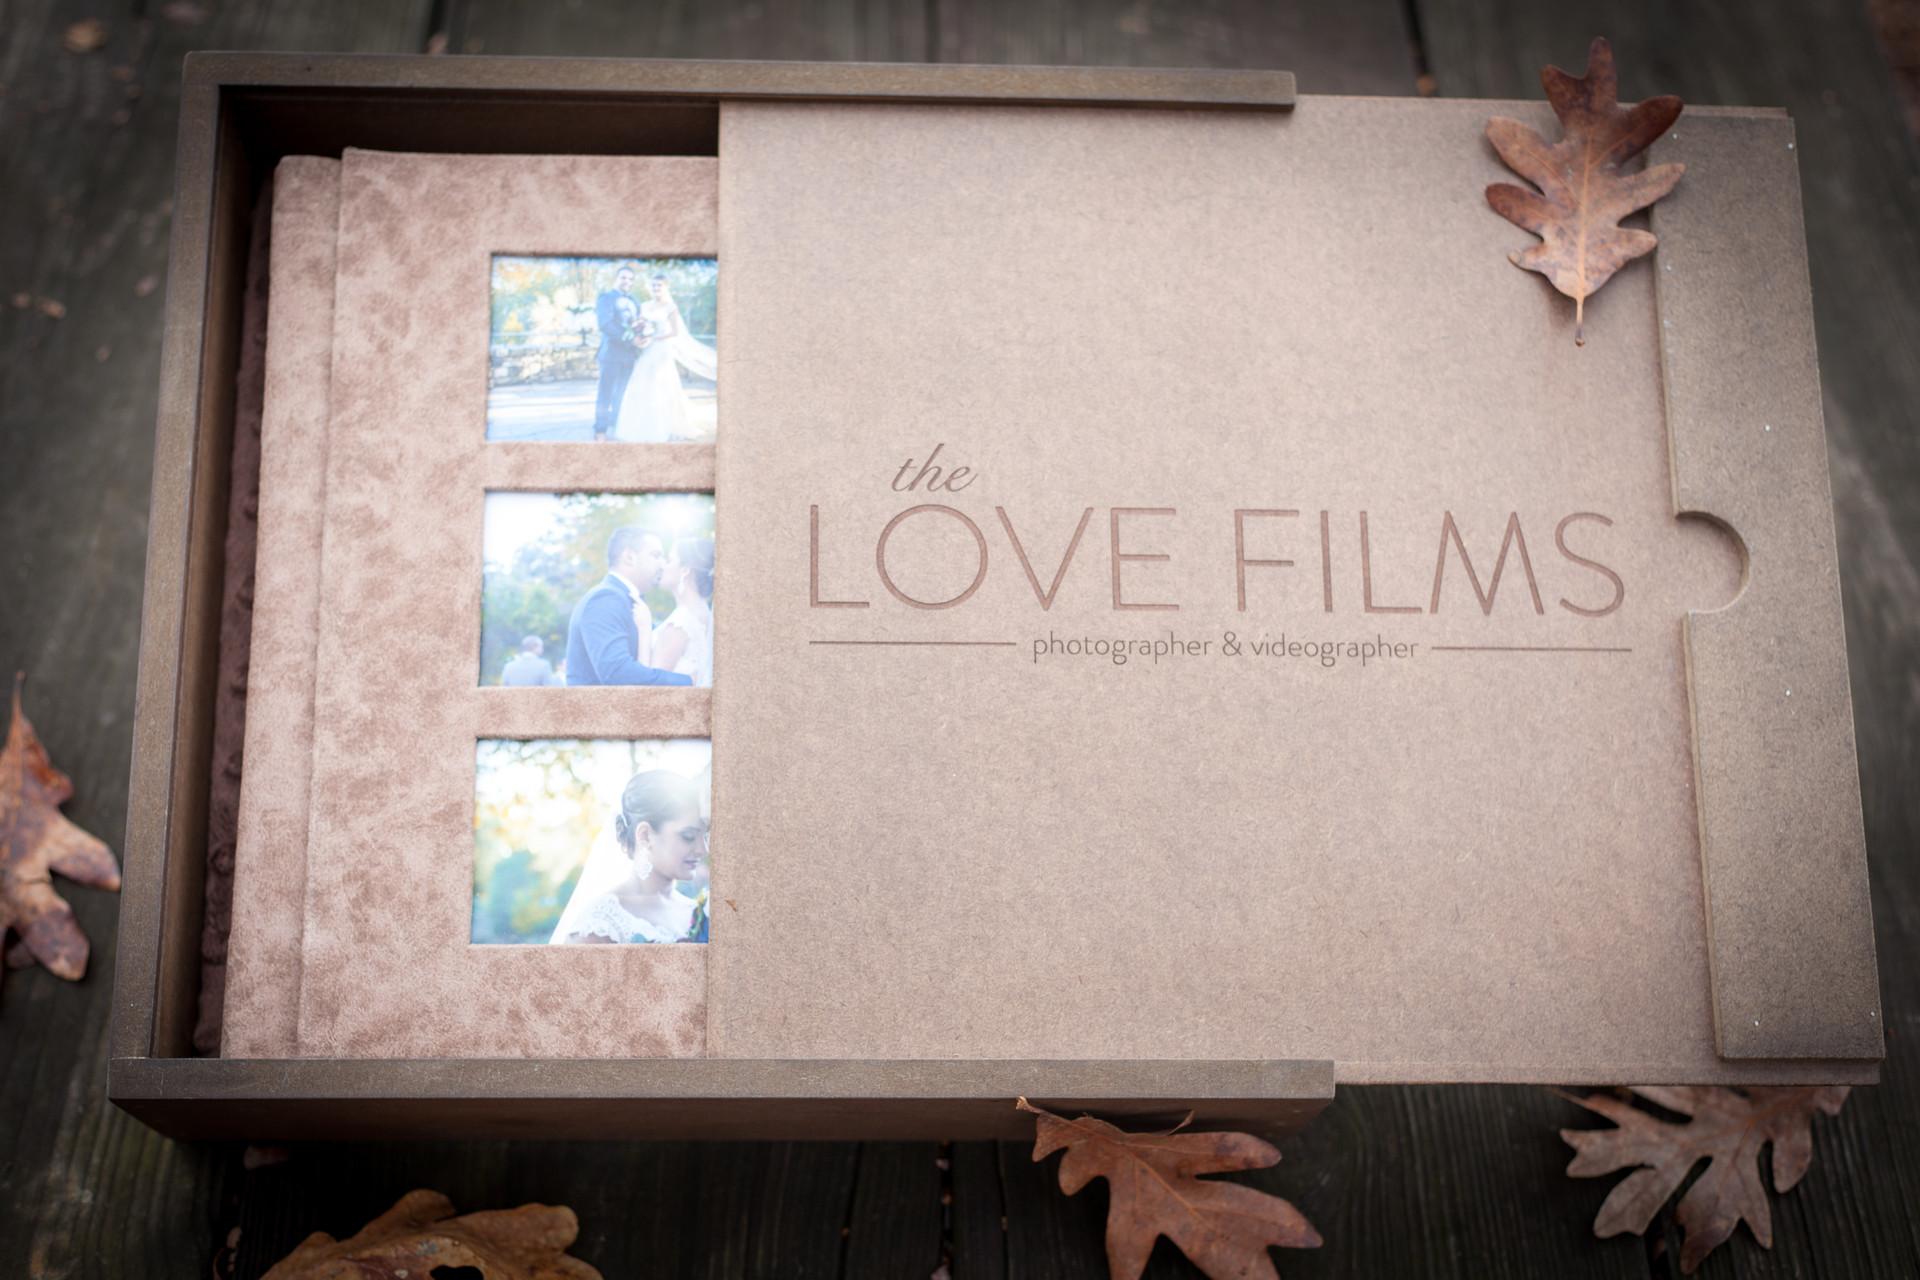 TheLoveFilms.com